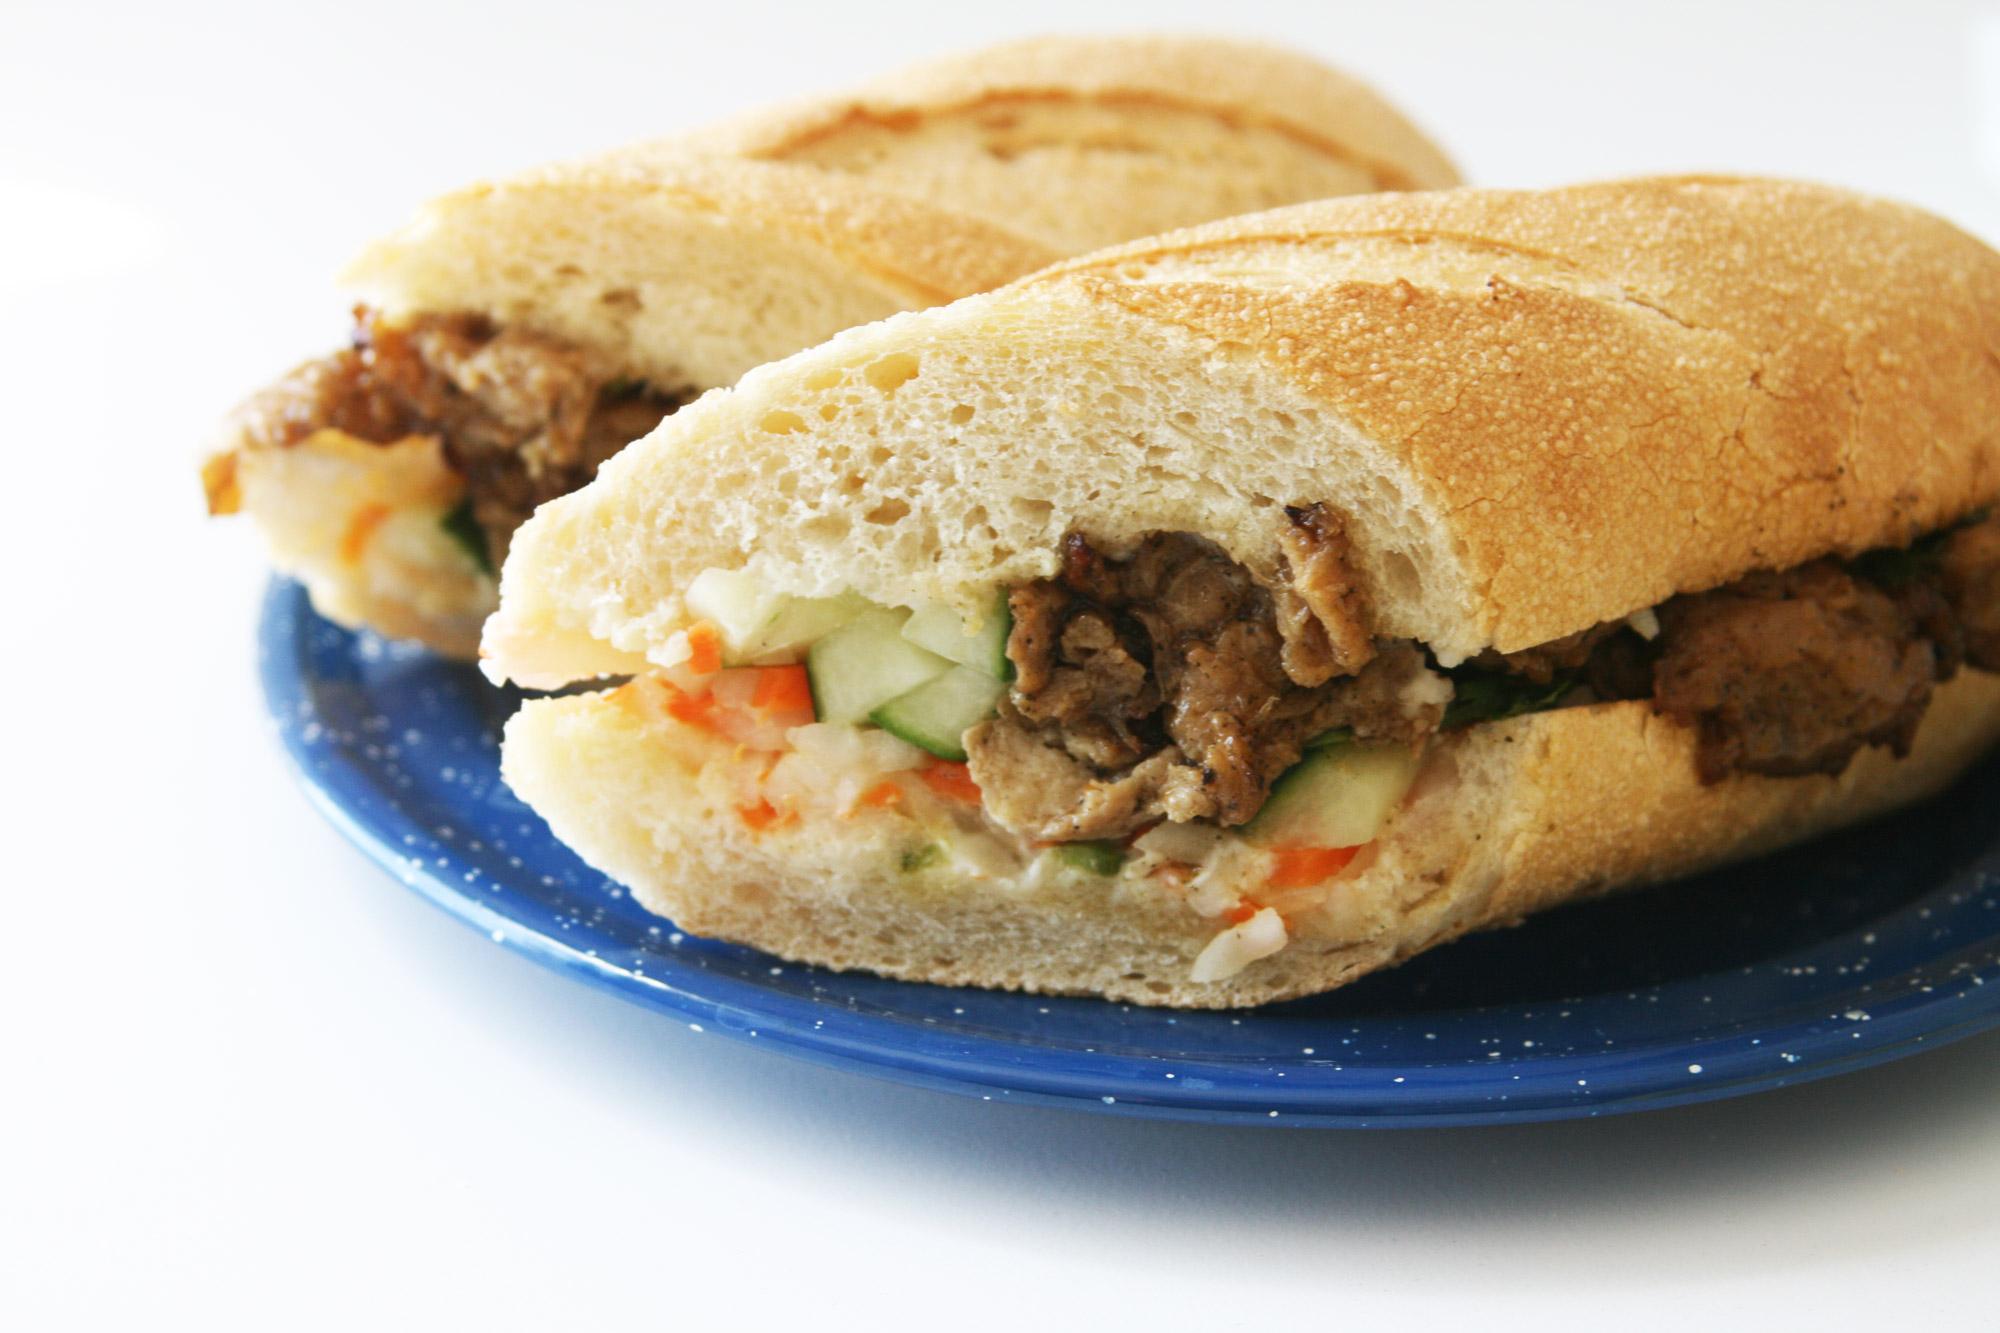 sandwich-shop-la-vegan_4521